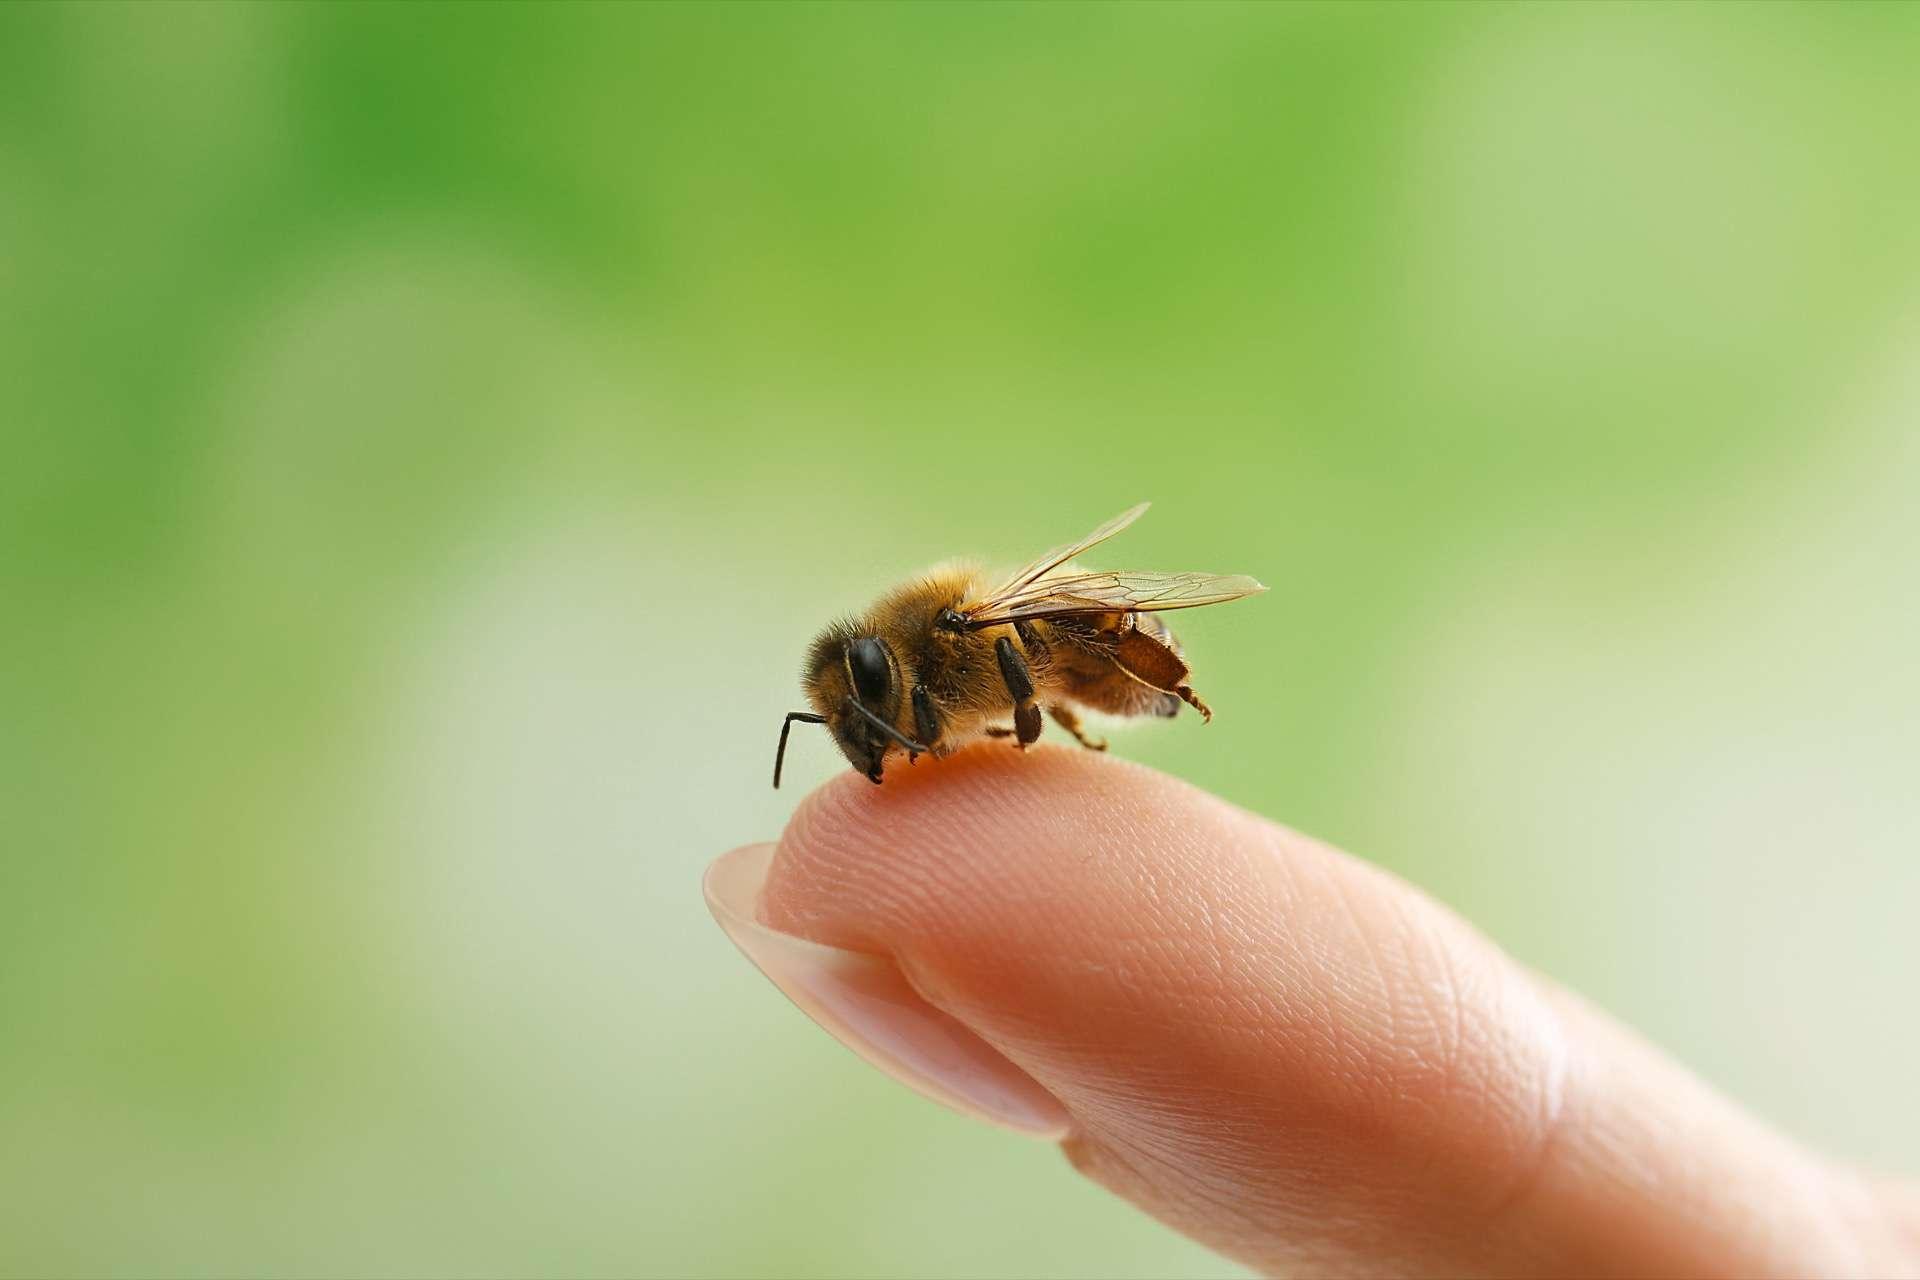 Les abeilles sont capables de détecter avec un grande précision des échantillons positifs au Covid-19. © Africa Studio, Adobe Stock